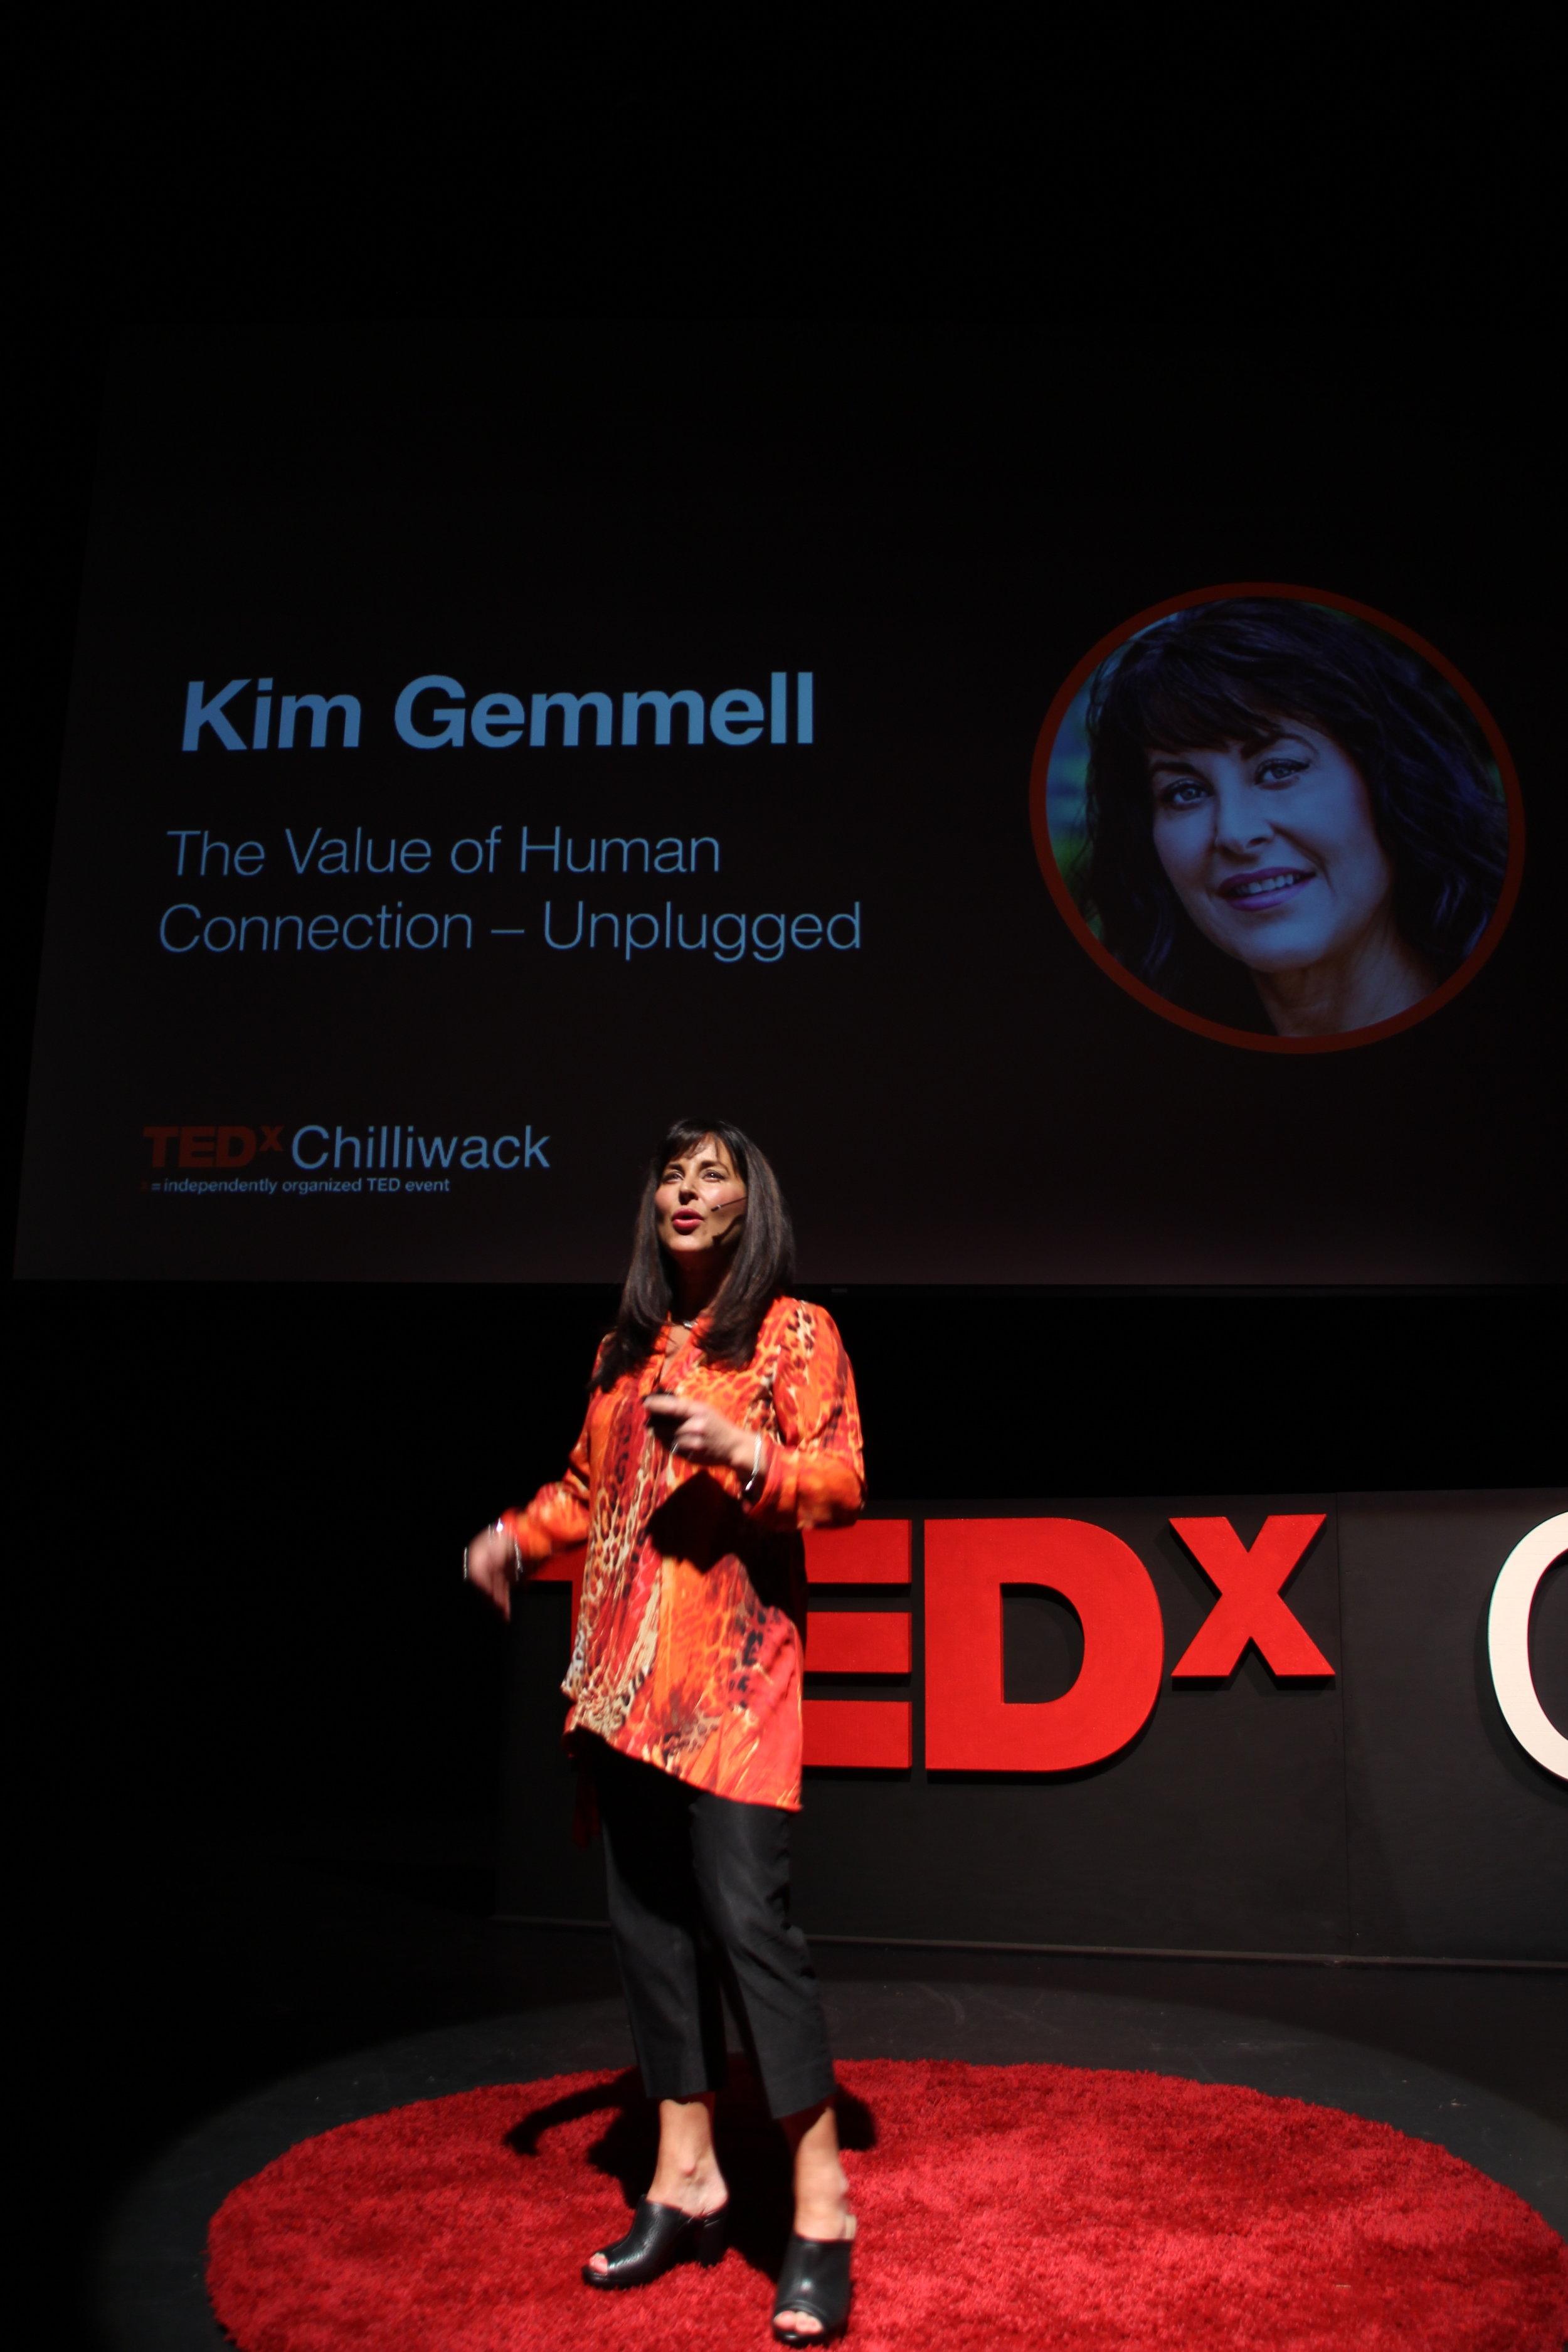 Kim Gemmell